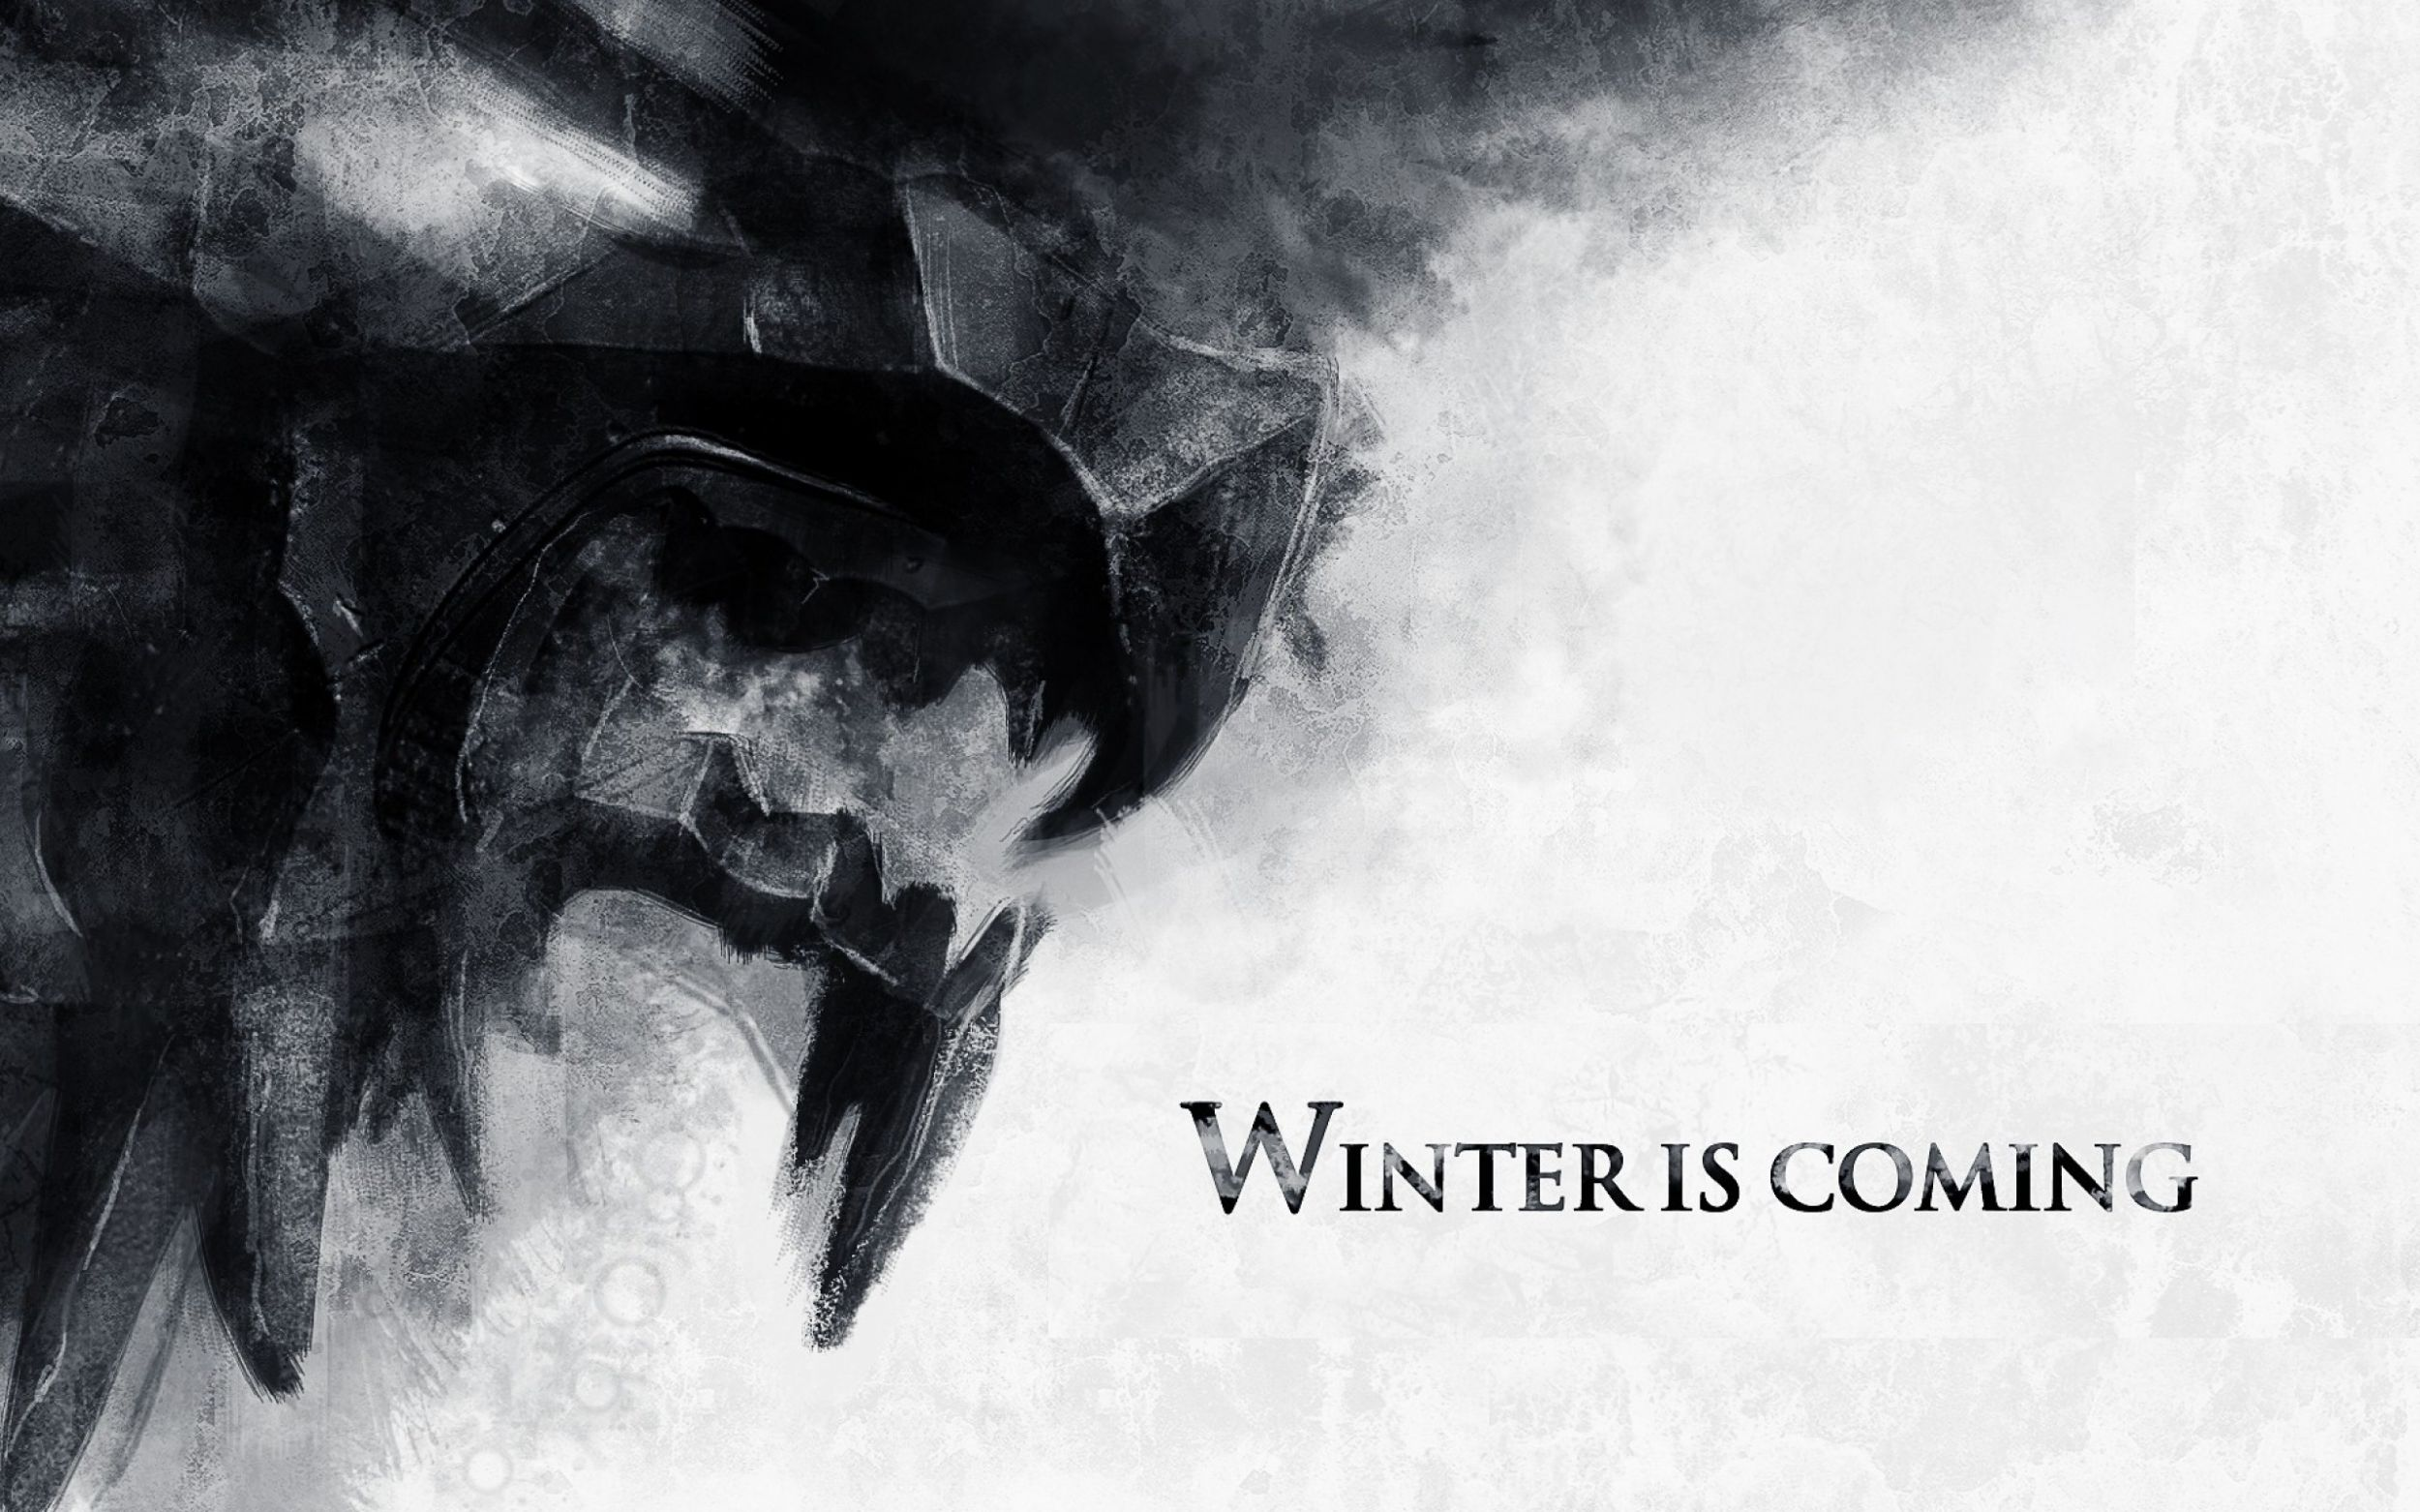 Game Of Thrones Hd Desktop Wallpapers Download Free - Game Of Thrones - HD Wallpaper